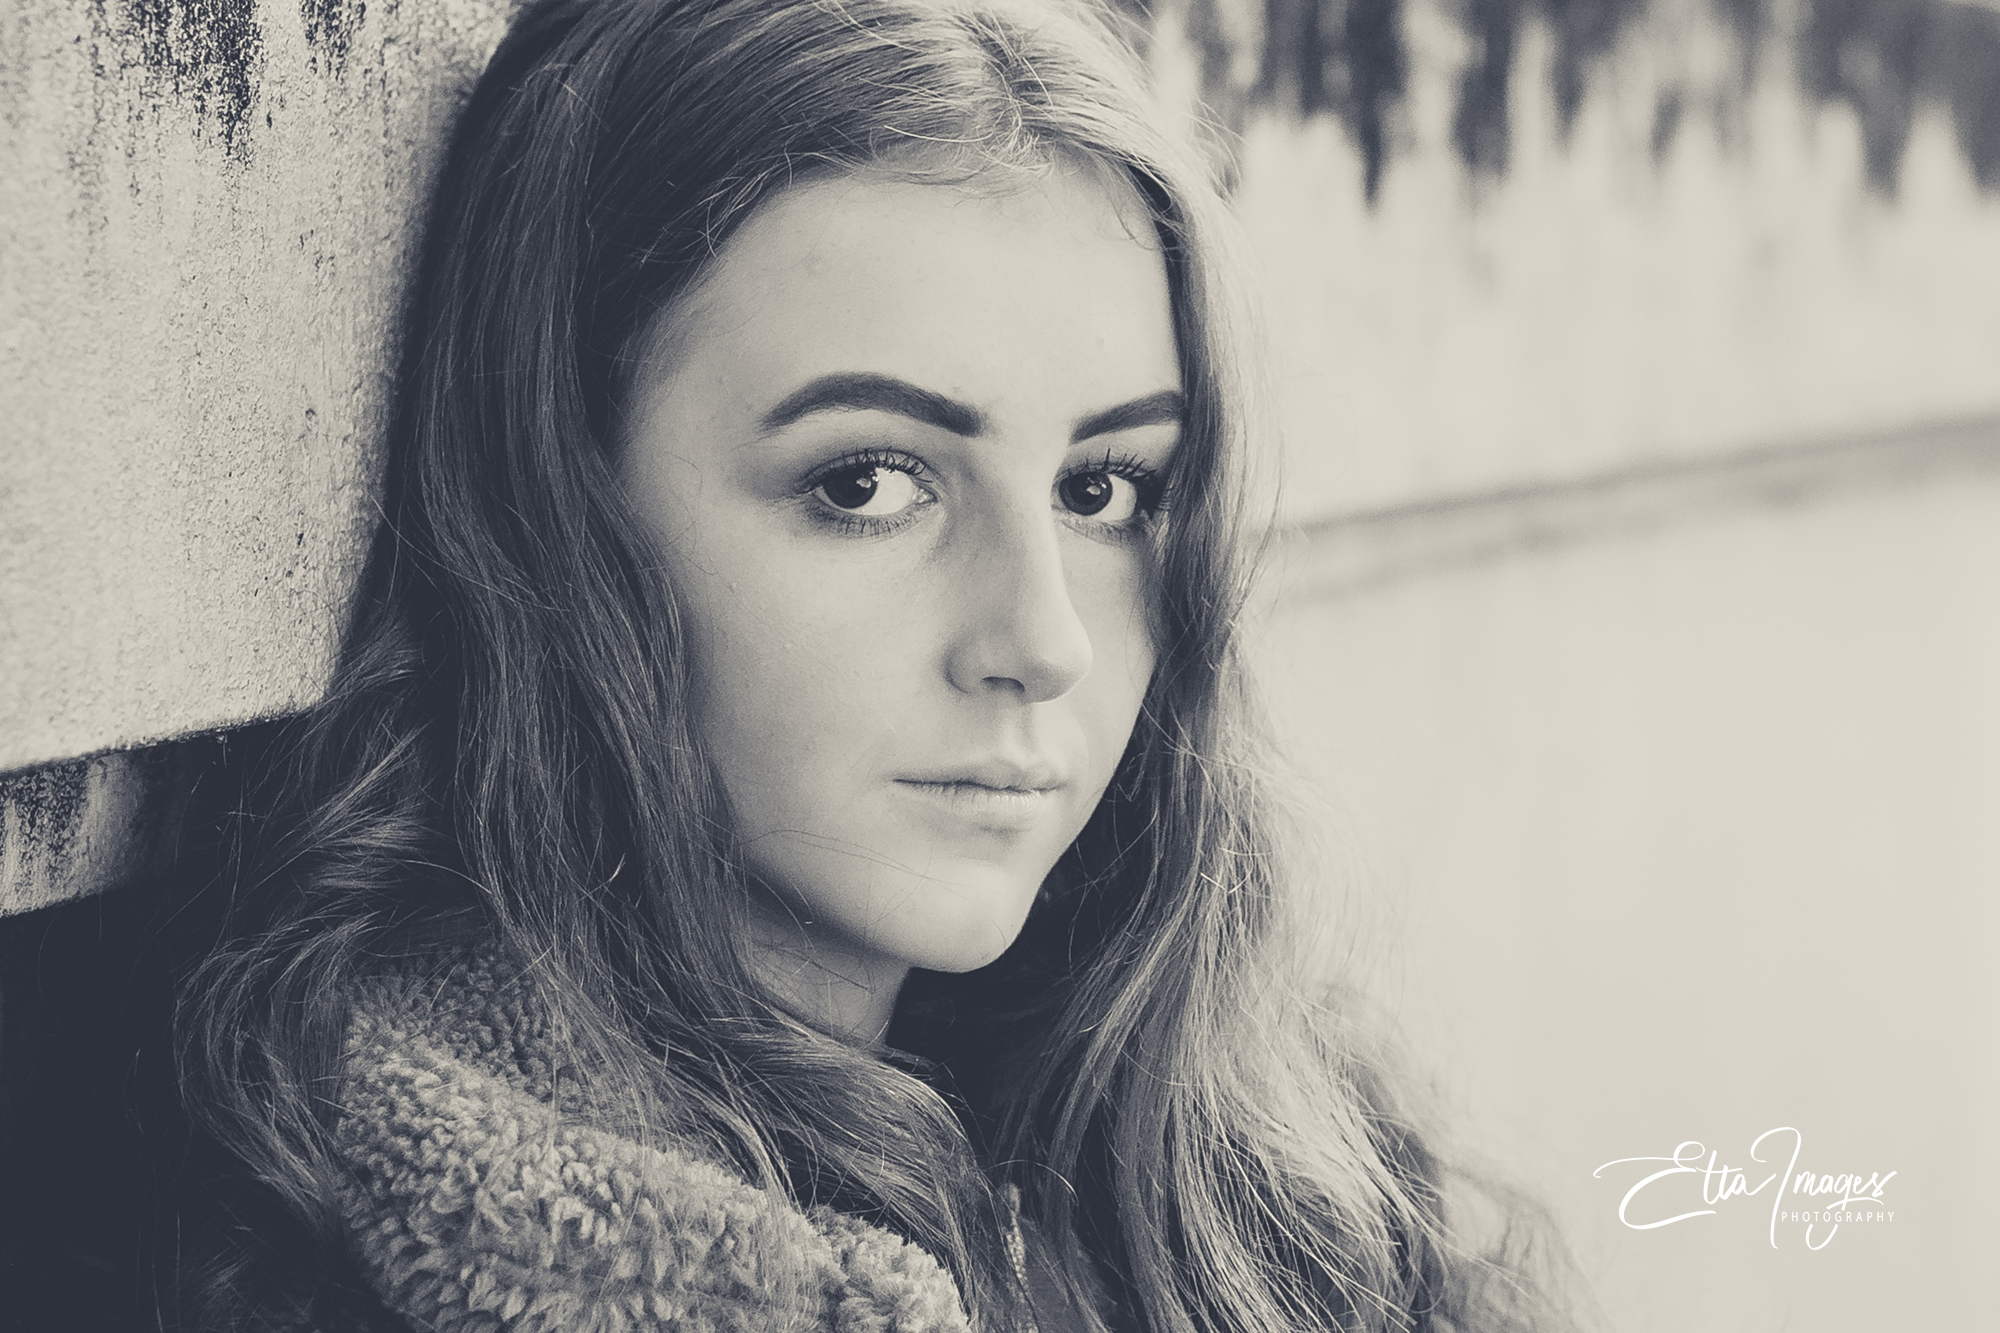 Juliette Capaldi MNZIPP II